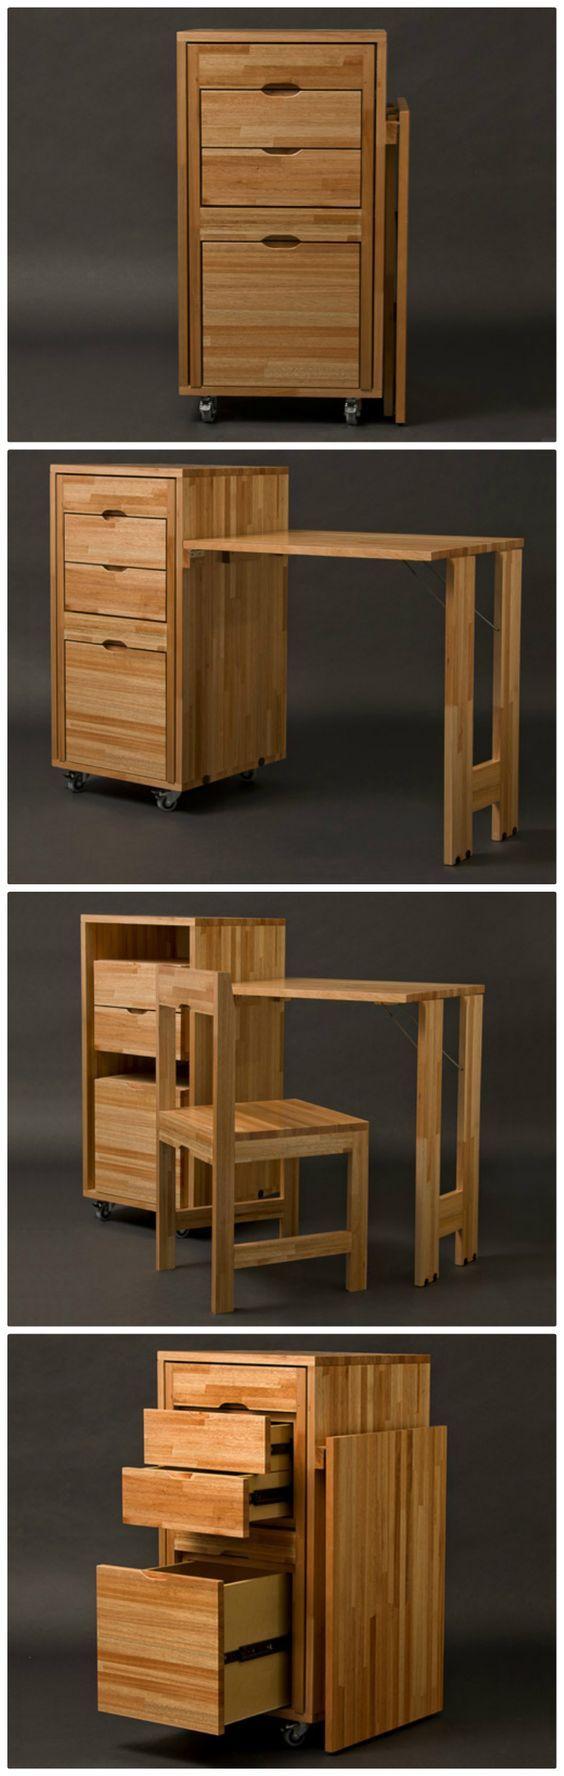 Dise Os De Muebles Para Espacios Peque Os Cocina Muebles